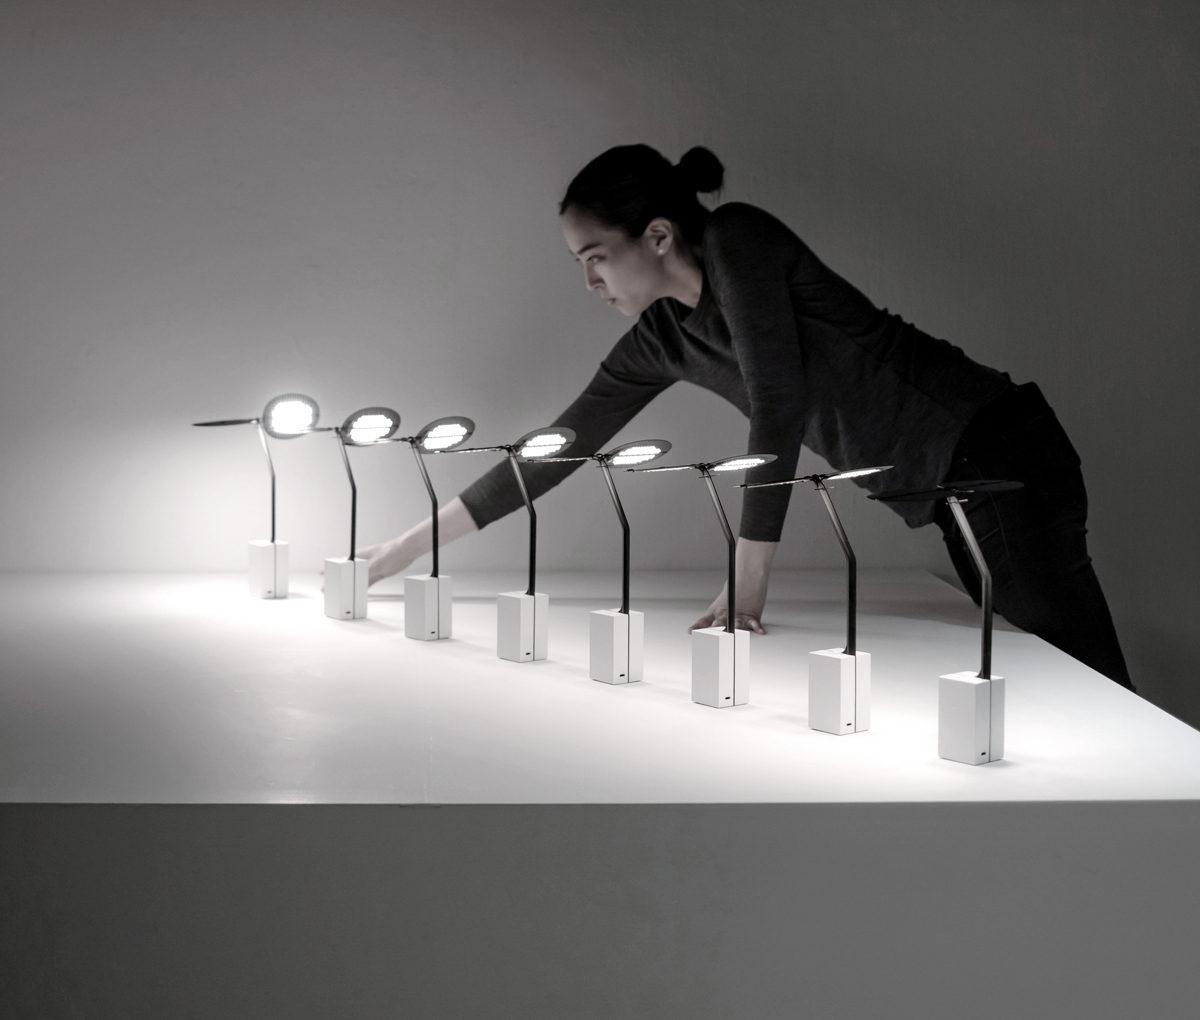 NaoTamura_Sage00, NaoTamura, sage. lighting, design, cordless, lamp, ambientec, task lamp, nownao, 田村奈穂、田村なお、照明、アンビエンテック、コードレス, 女性デザイナー、, NewYork designer, NYC, Female designer